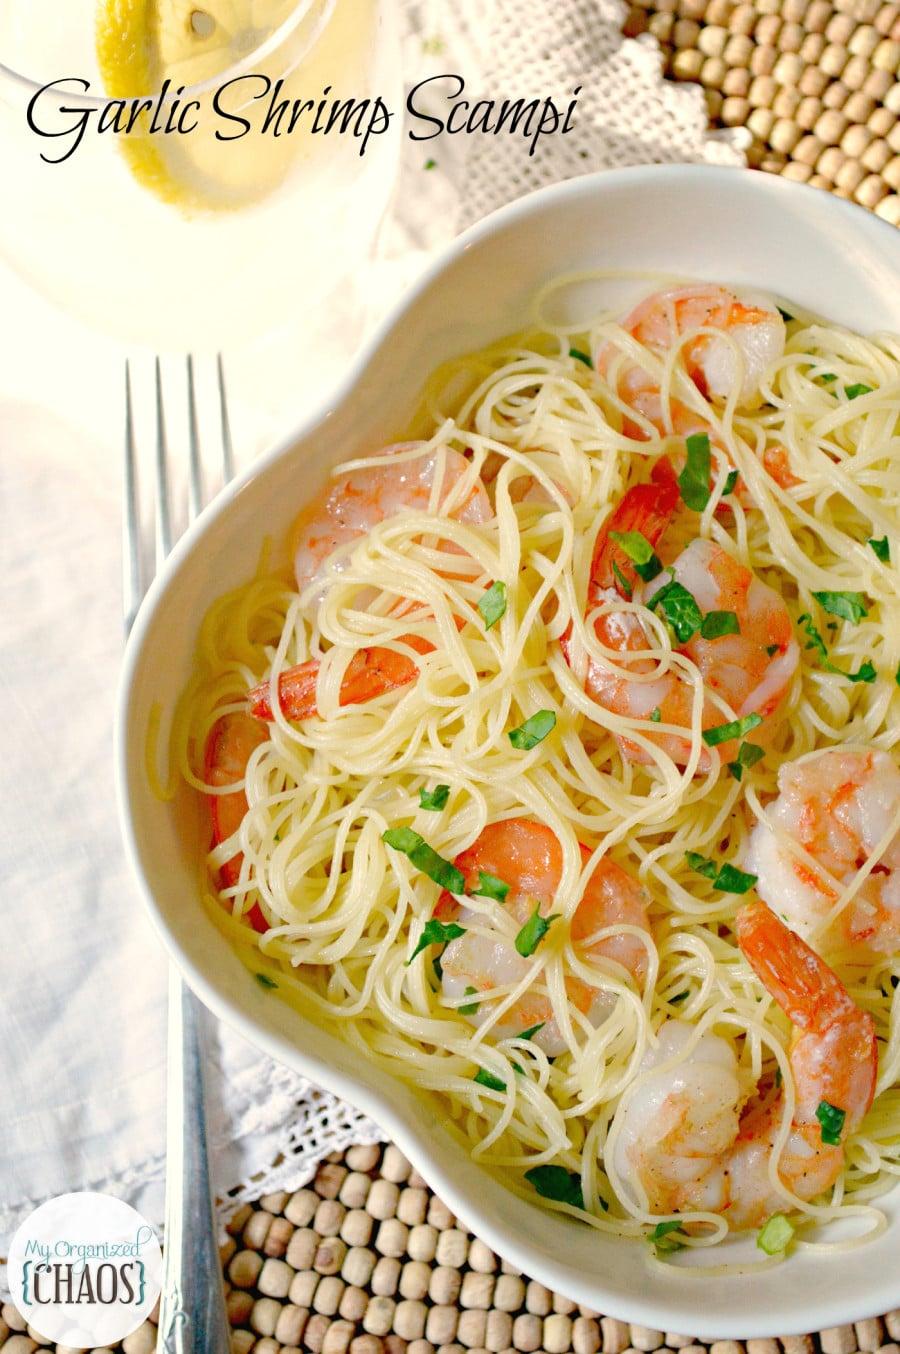 Garlic Shrimp Scampi Asian Recipe